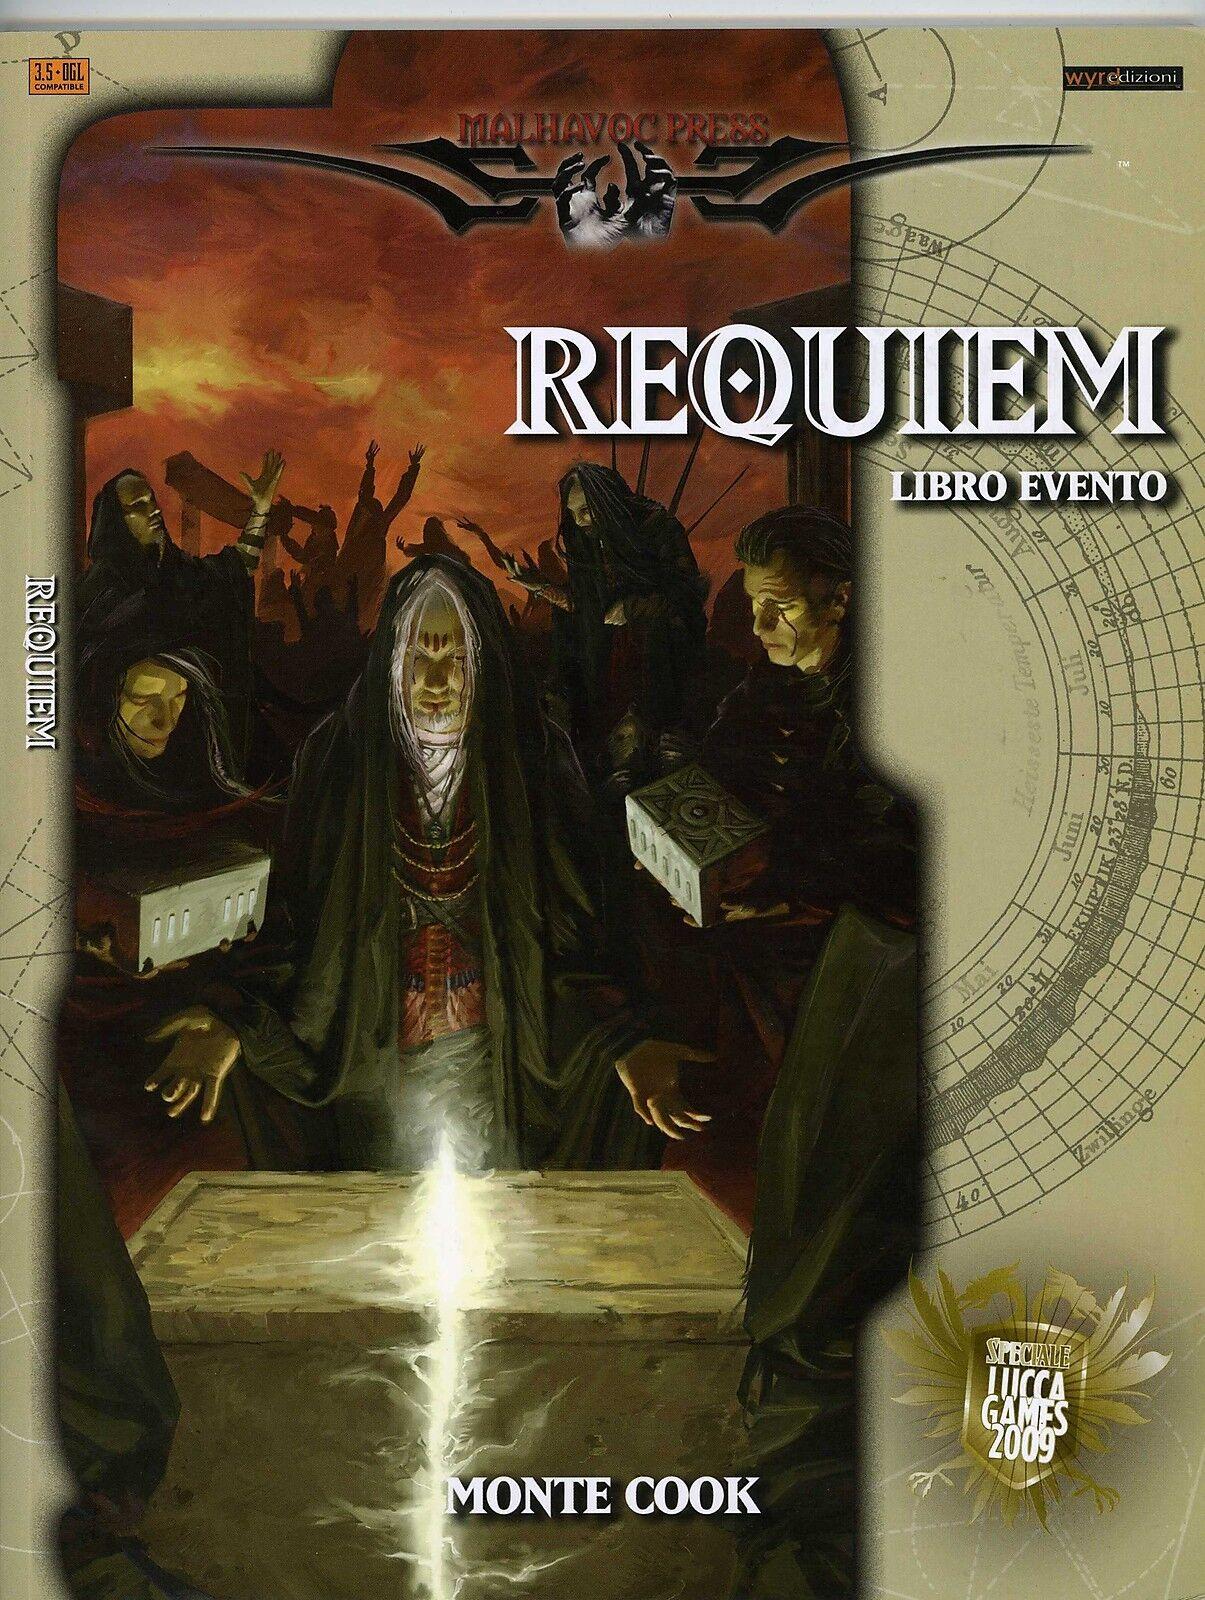 Libro r - requiem - shop f  r Libro collezionami 2ebd36